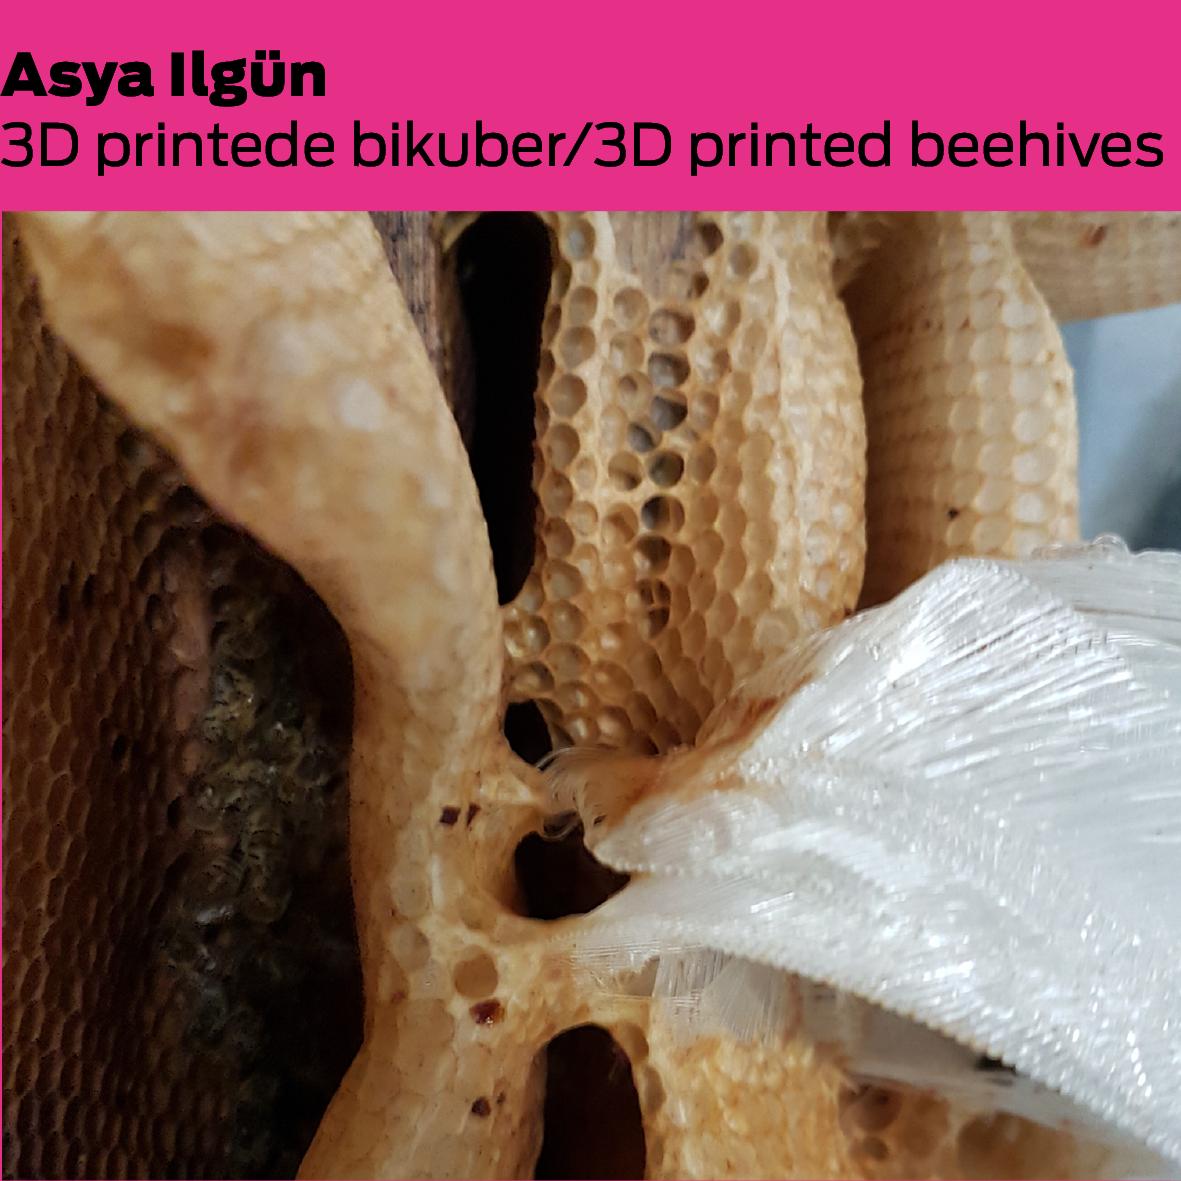 Asya Ilgün (A): 3D-printet bikube / 3D printed beehive